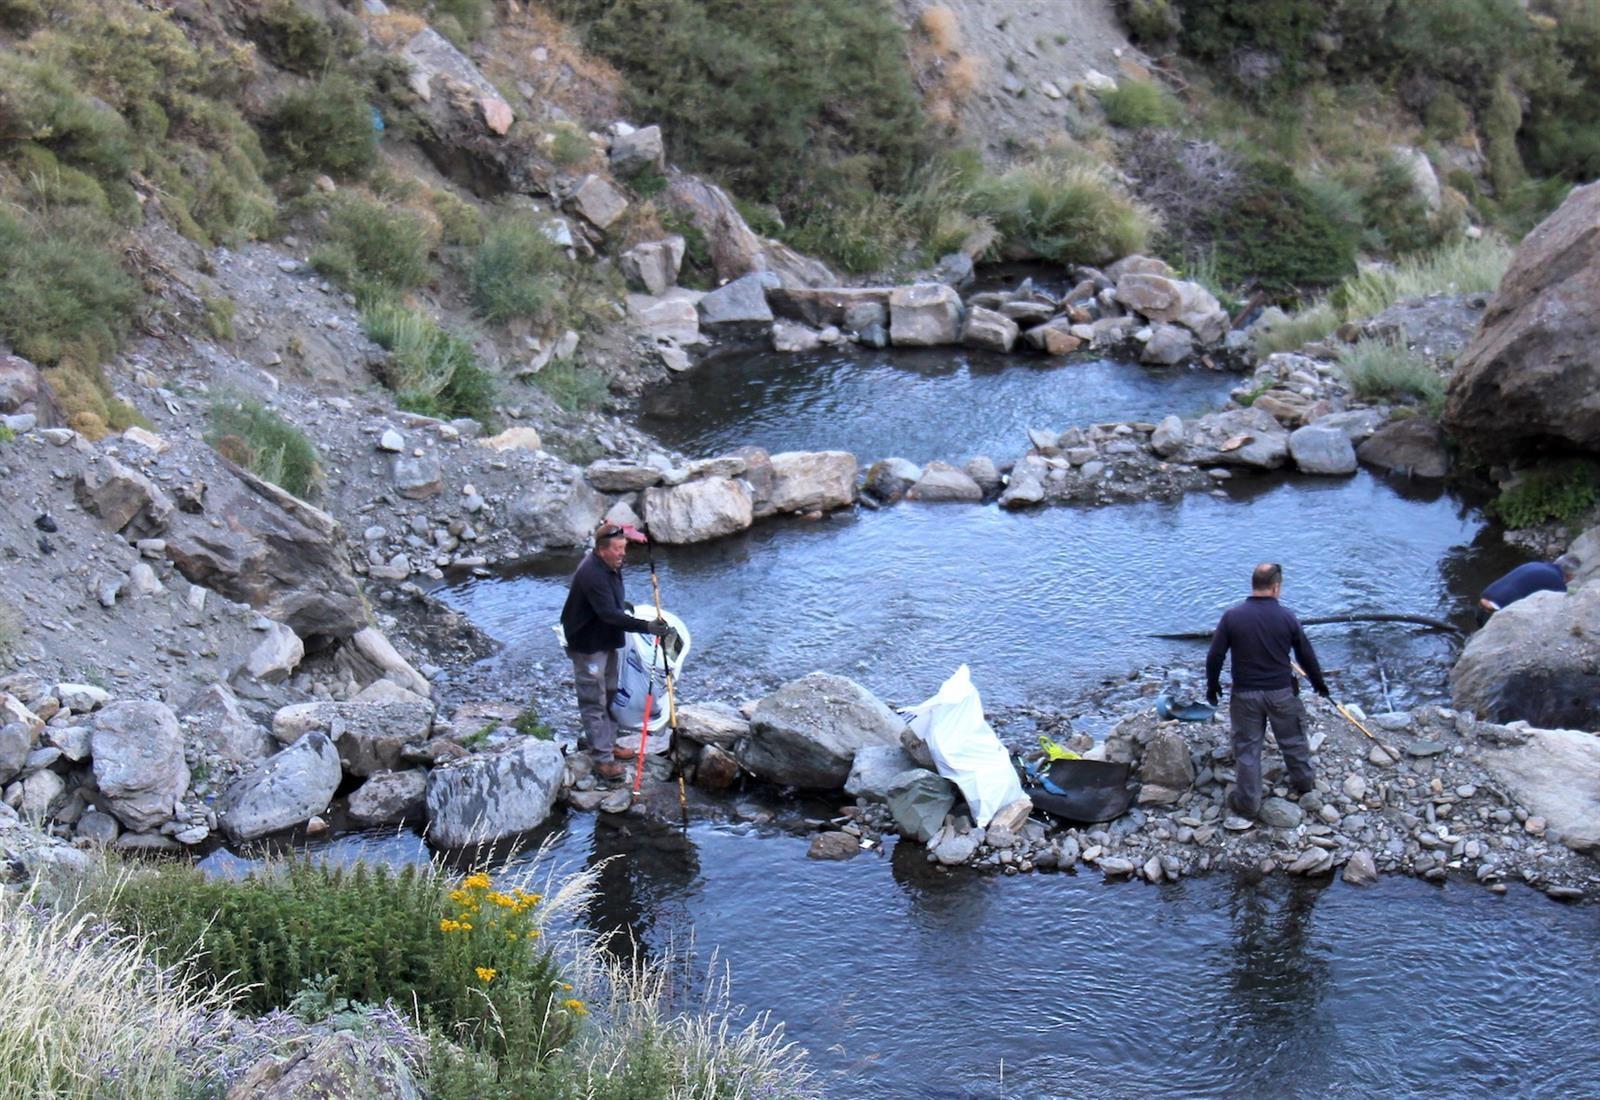 Sierra Nevada activa una campaña de sensibilización ambiental en temporada de verano